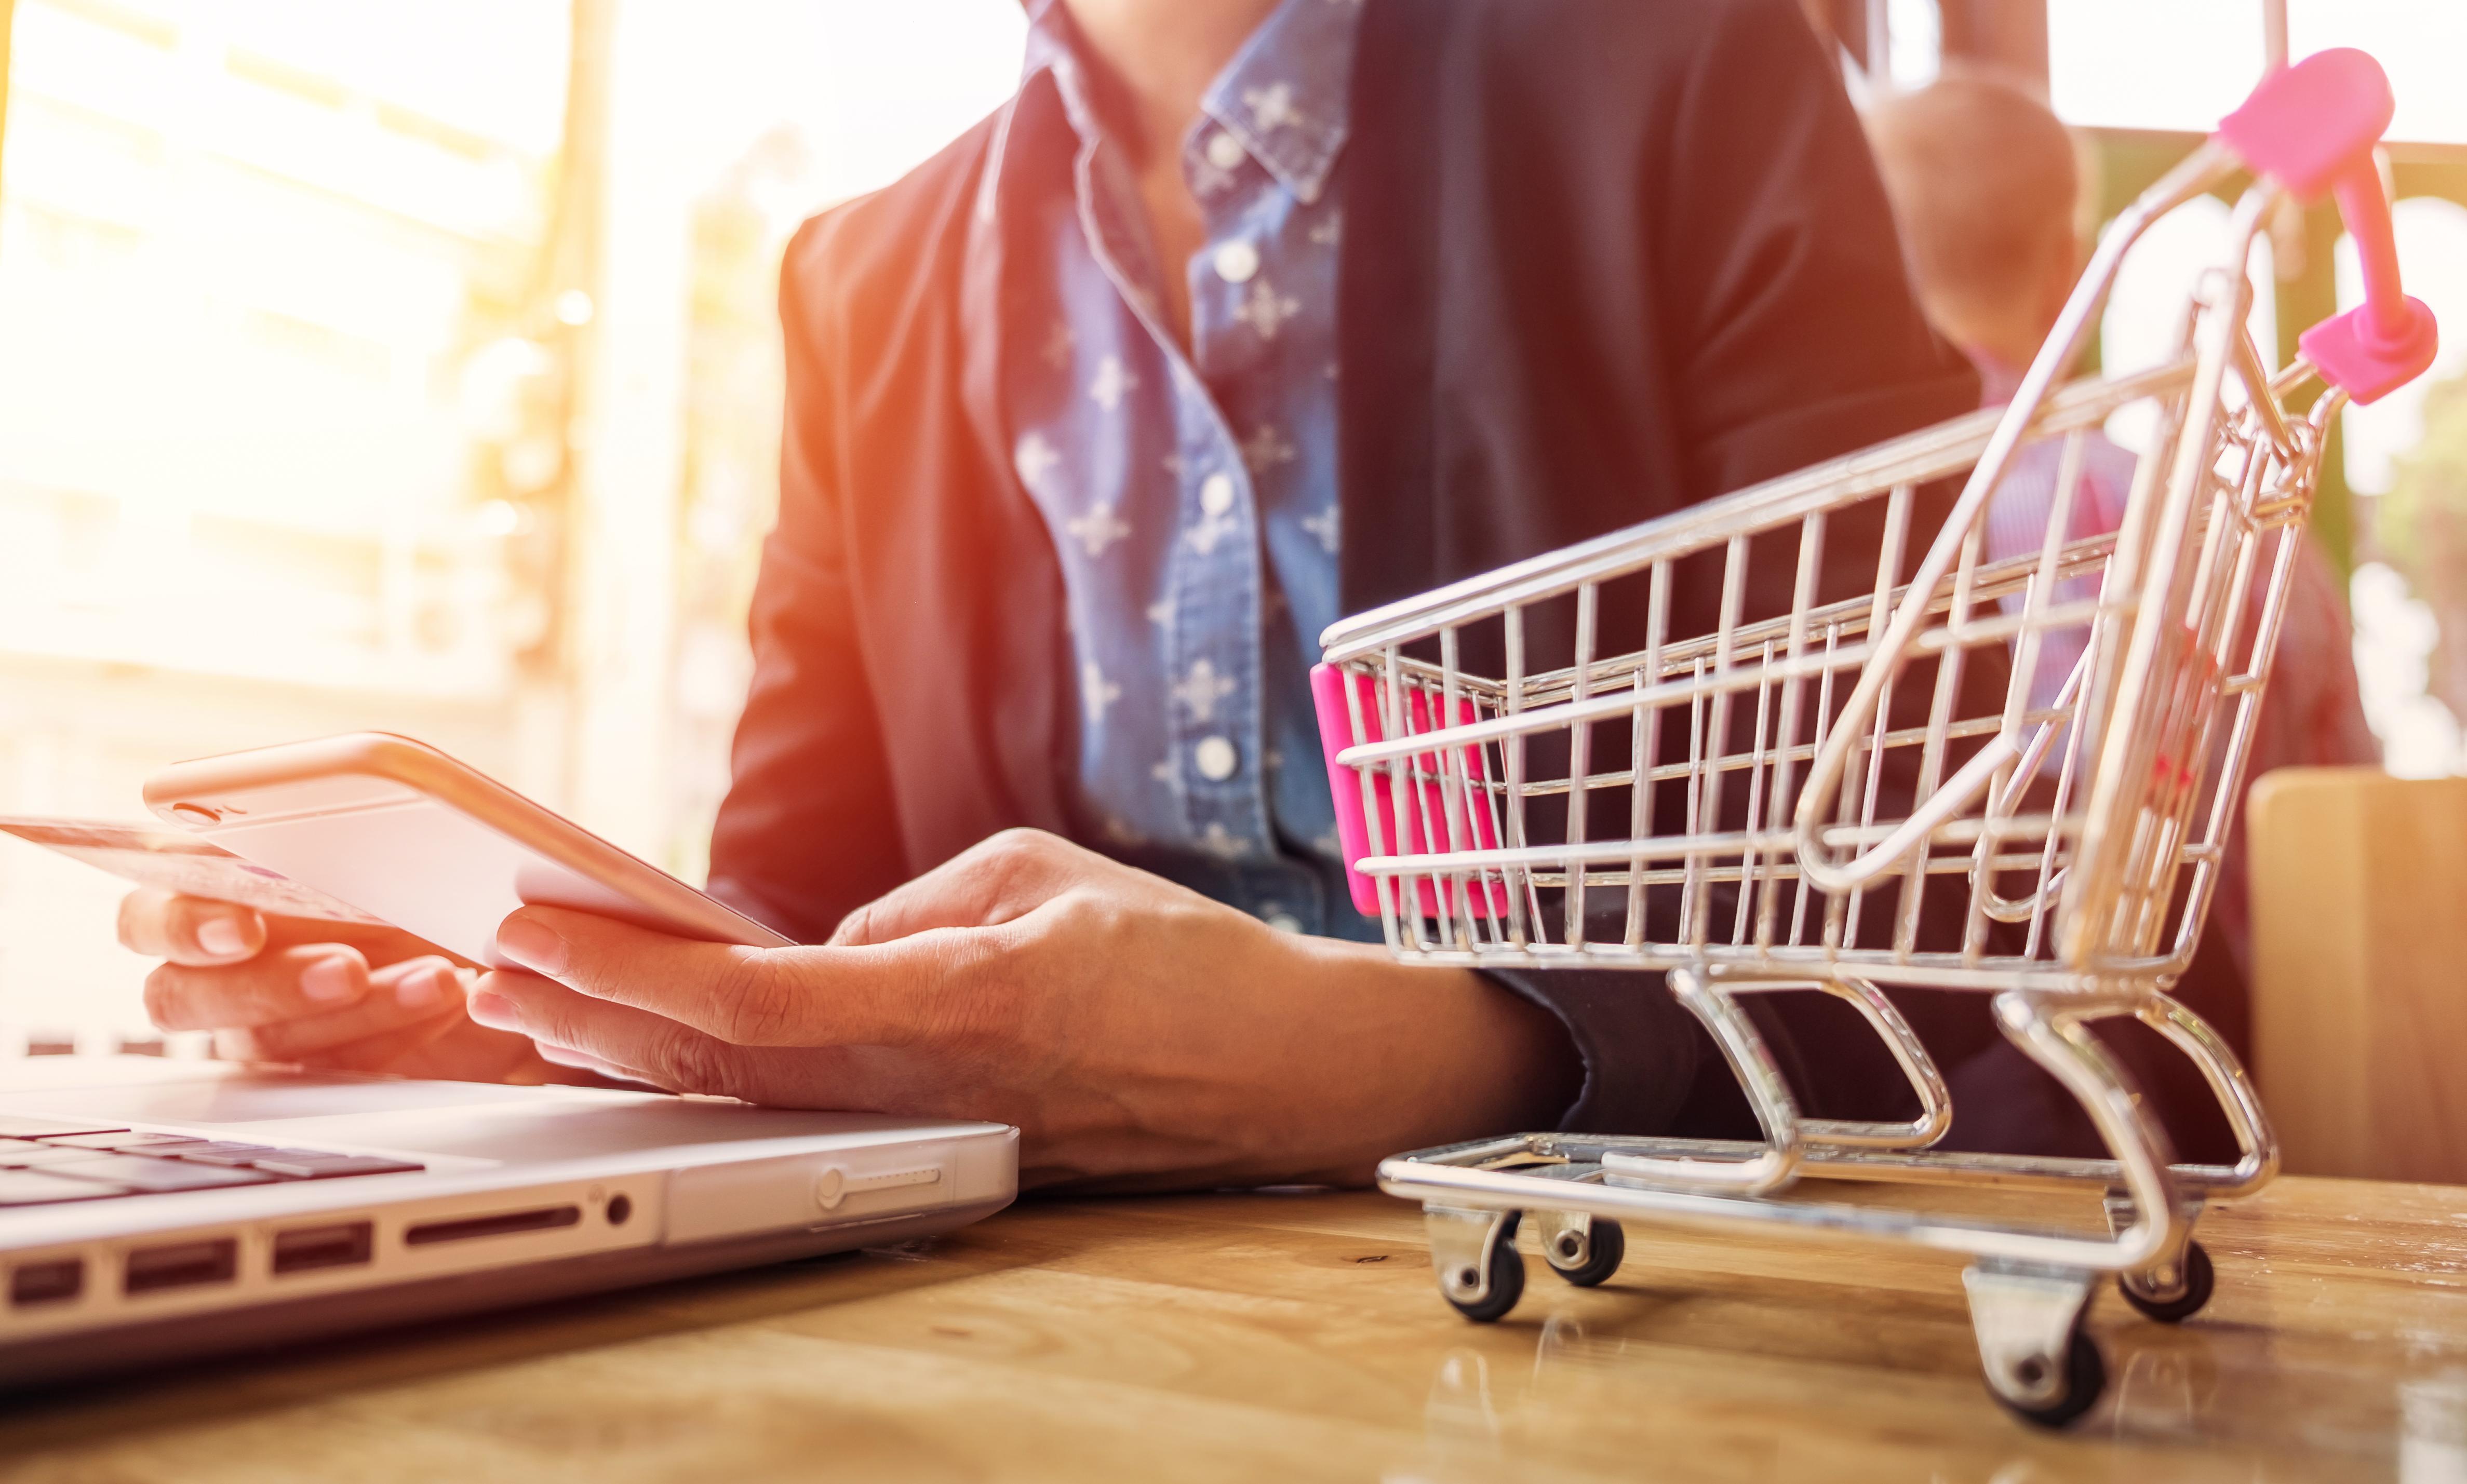 Razones por las que en el2020 másconsumidoreselegirán comprar en línea